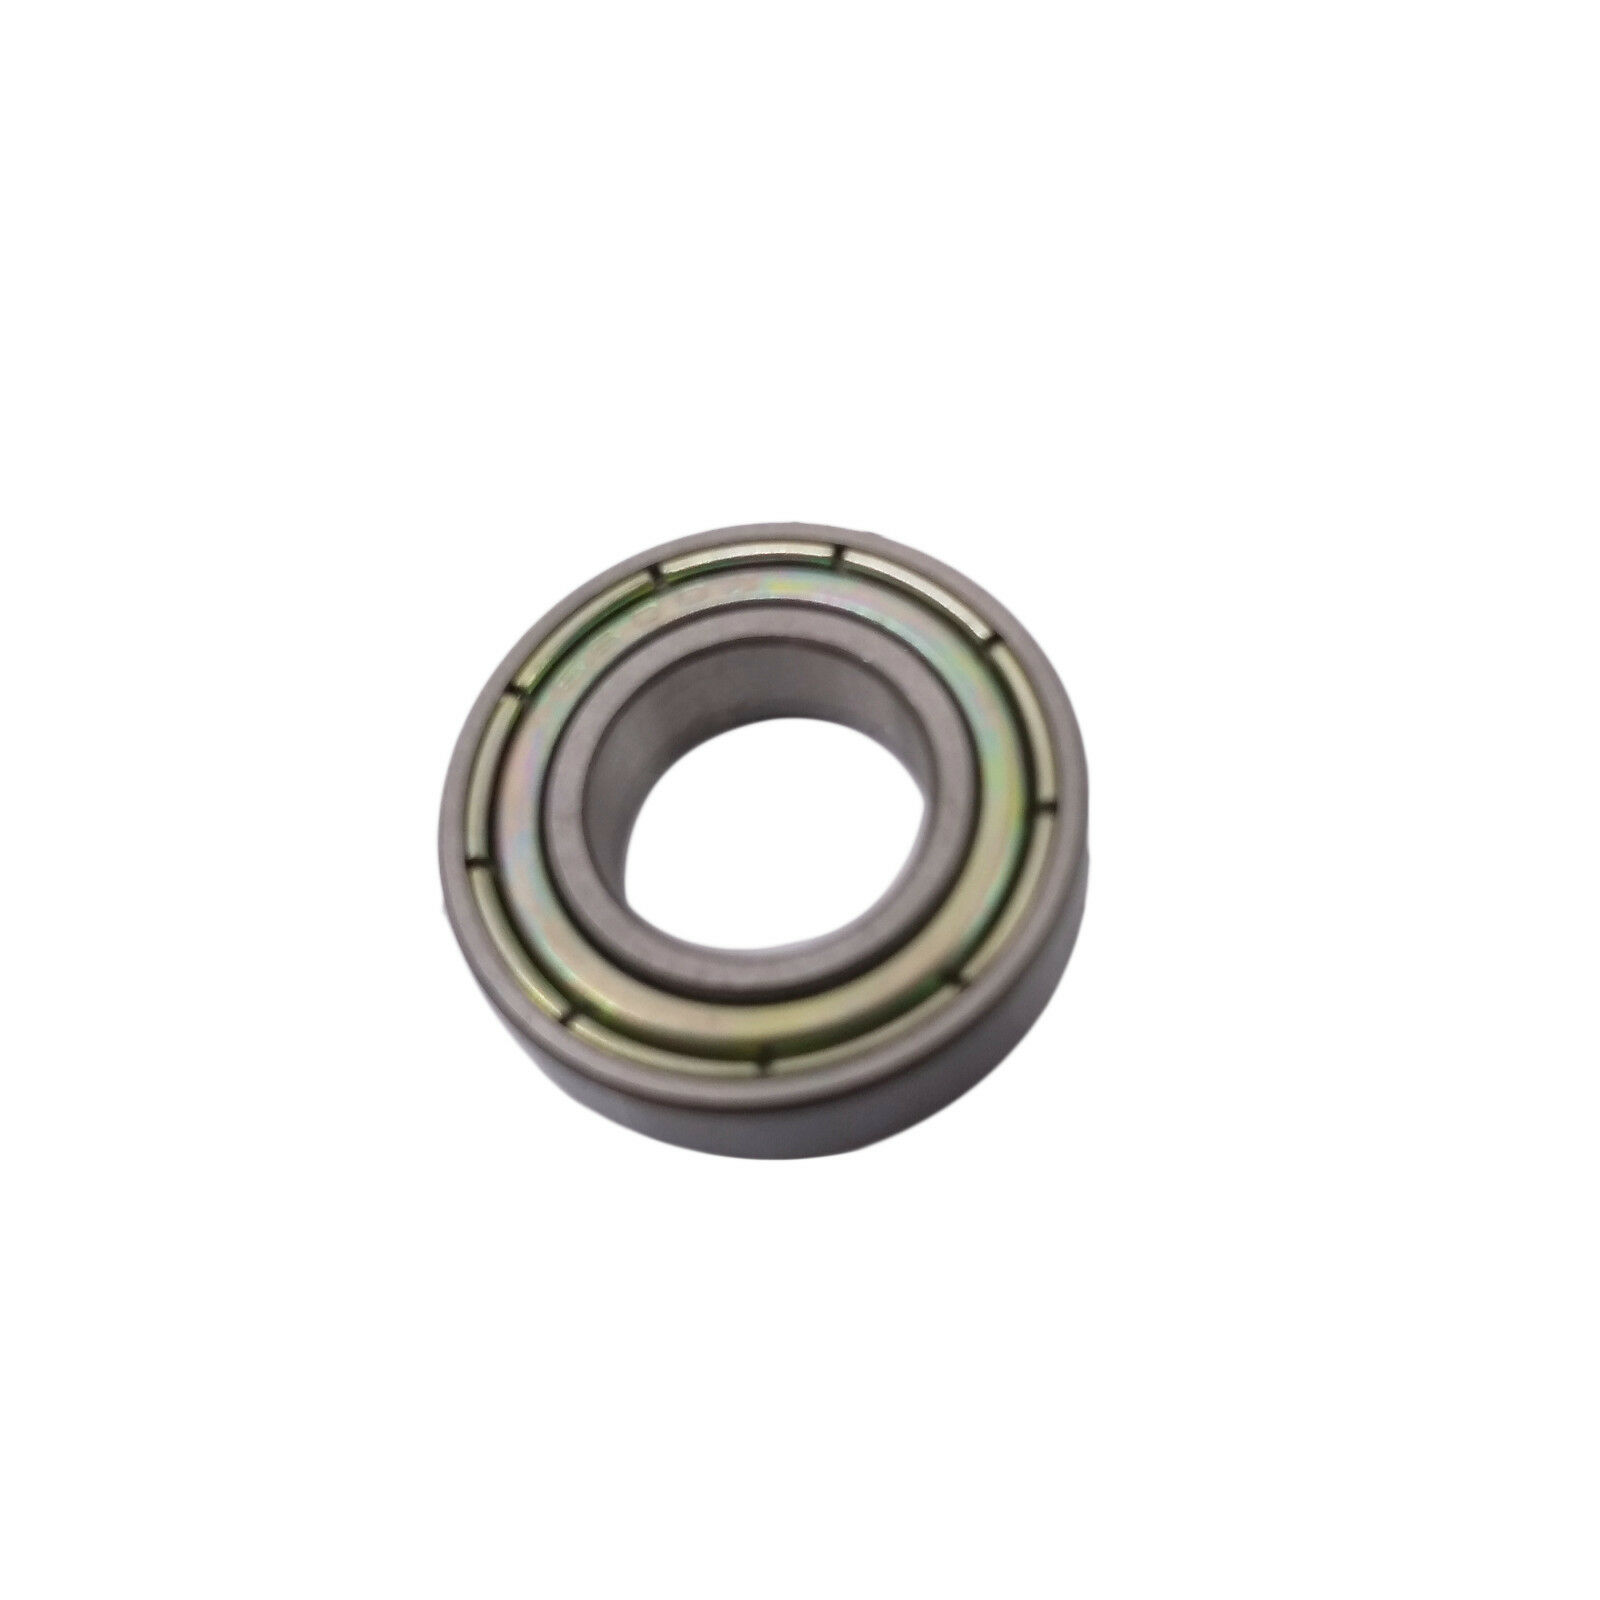 19 6mm 10PCS Miniature deep groove ball bearings 635ZZ 635-2Z size 5